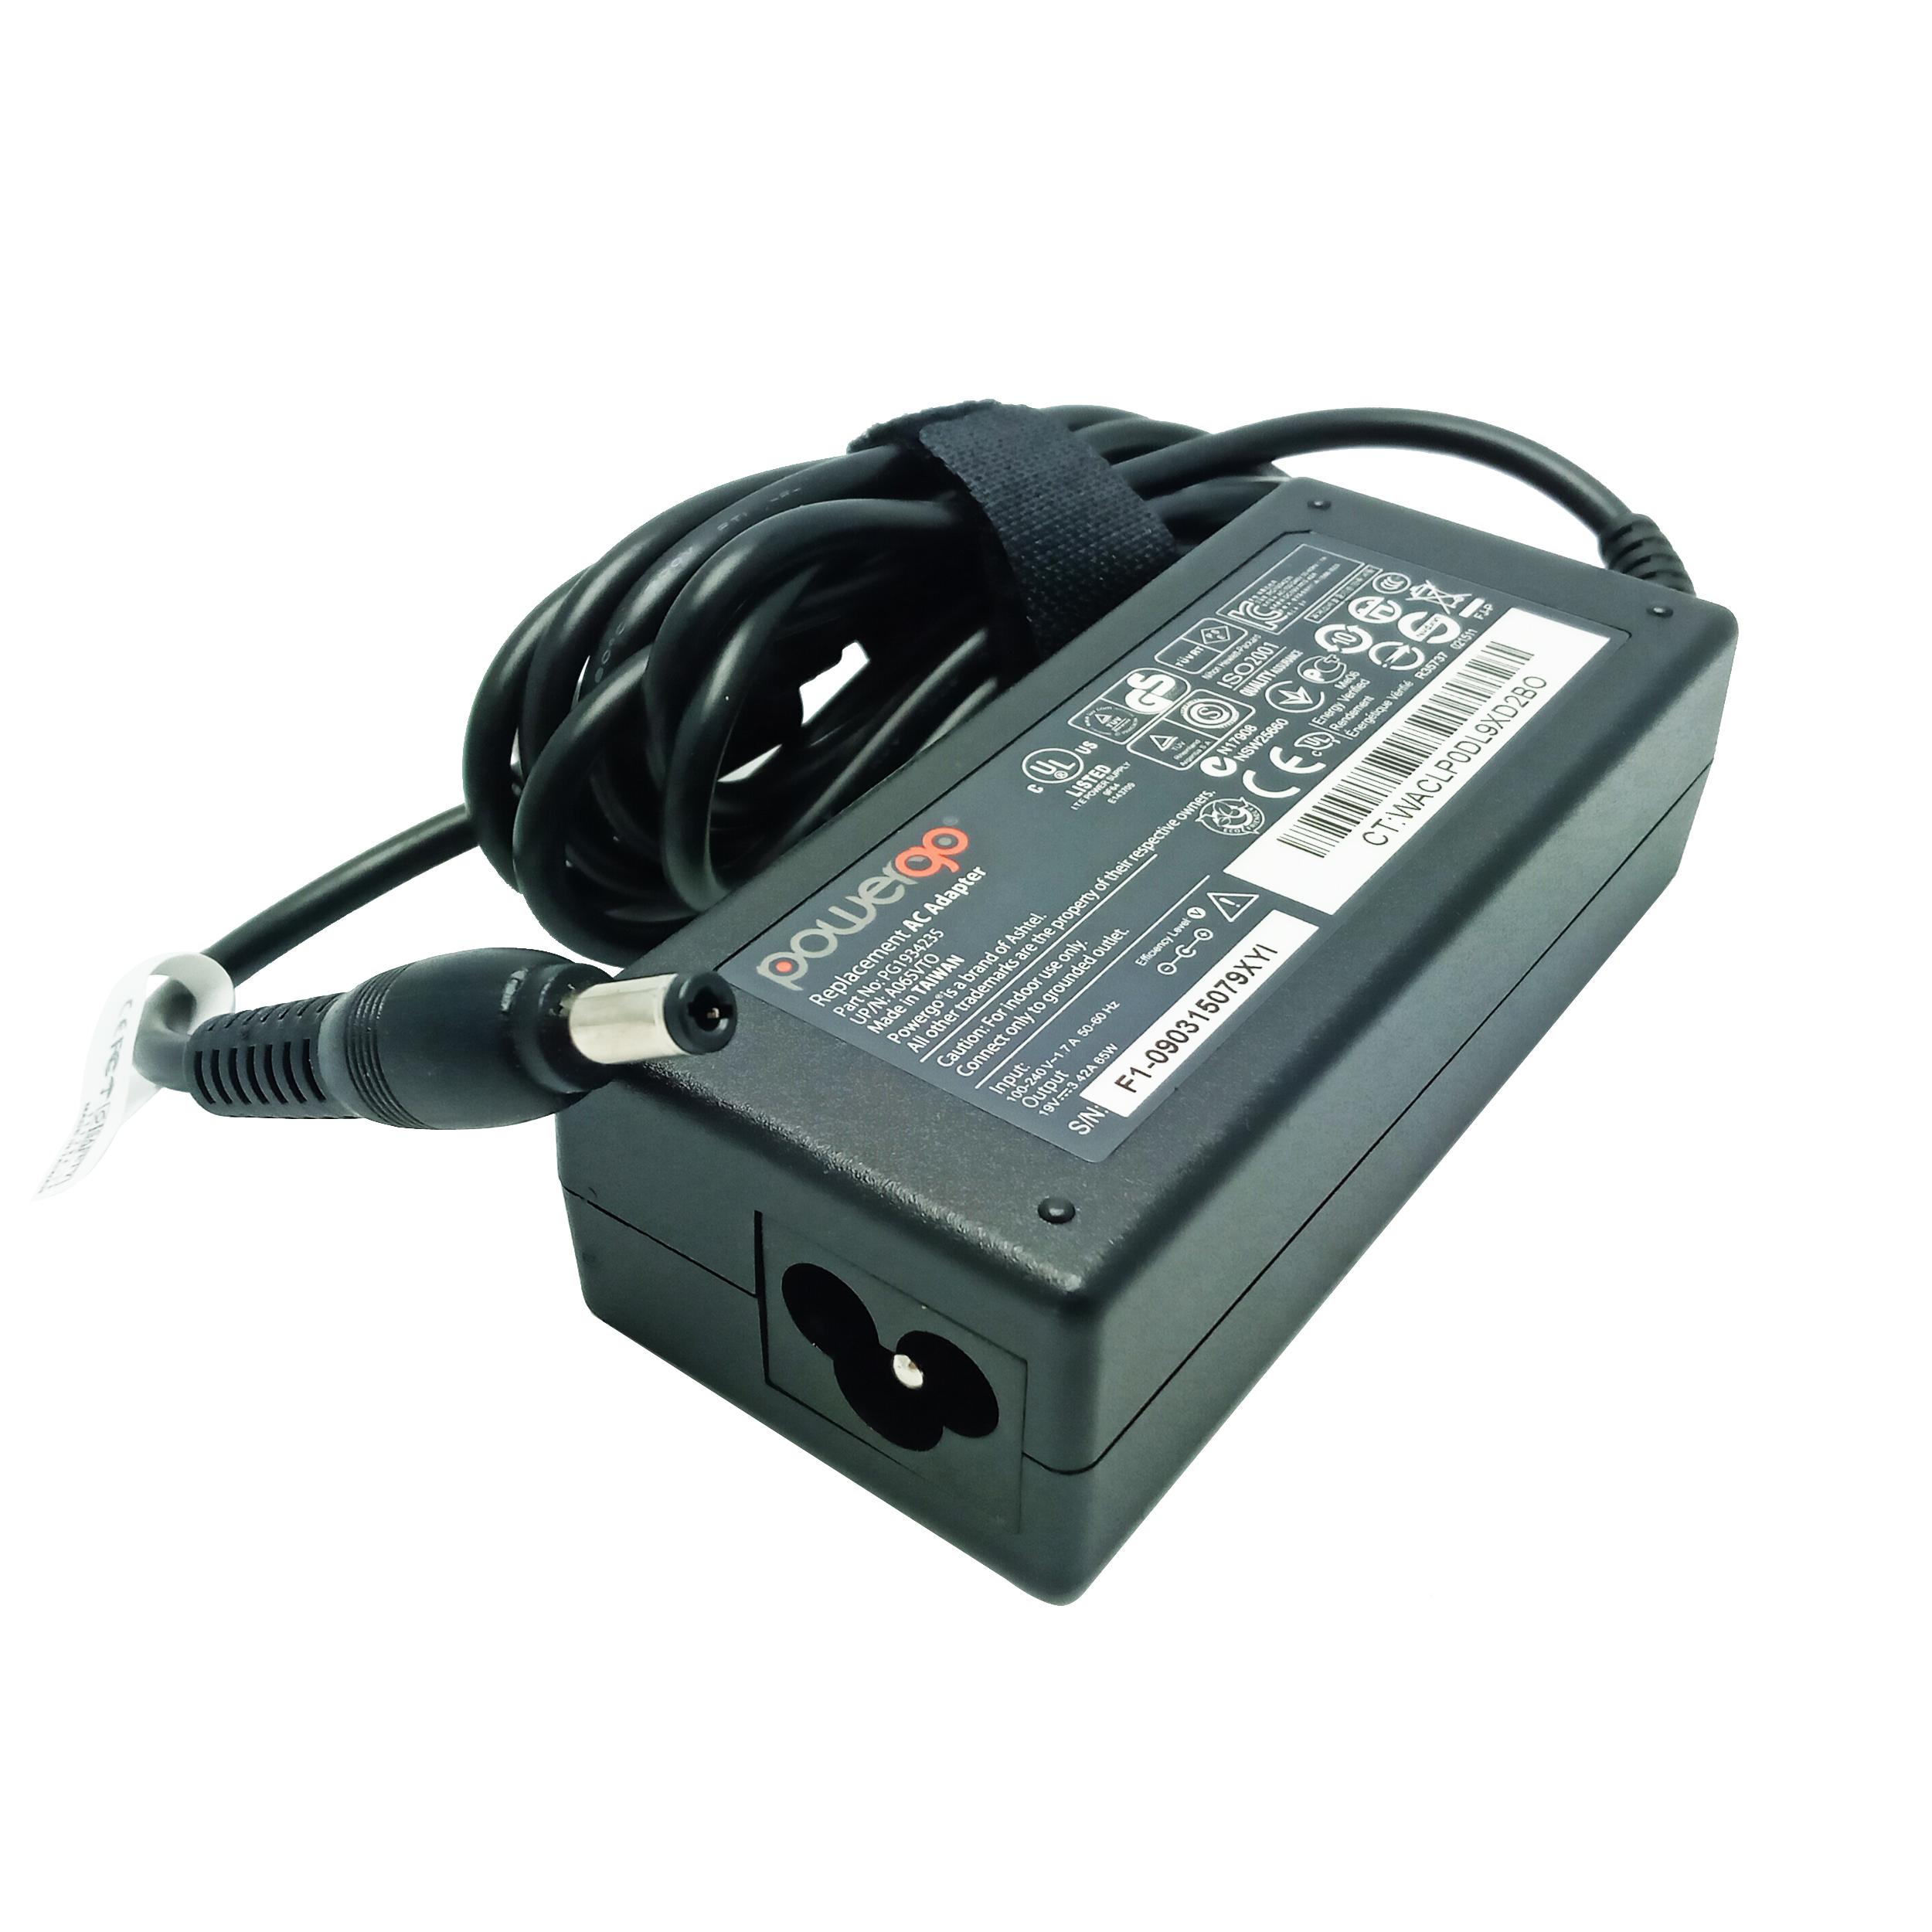 شارژر لپ تاپ 19 ولت 3.42 آمپر پاور گو مدل PWG-TO